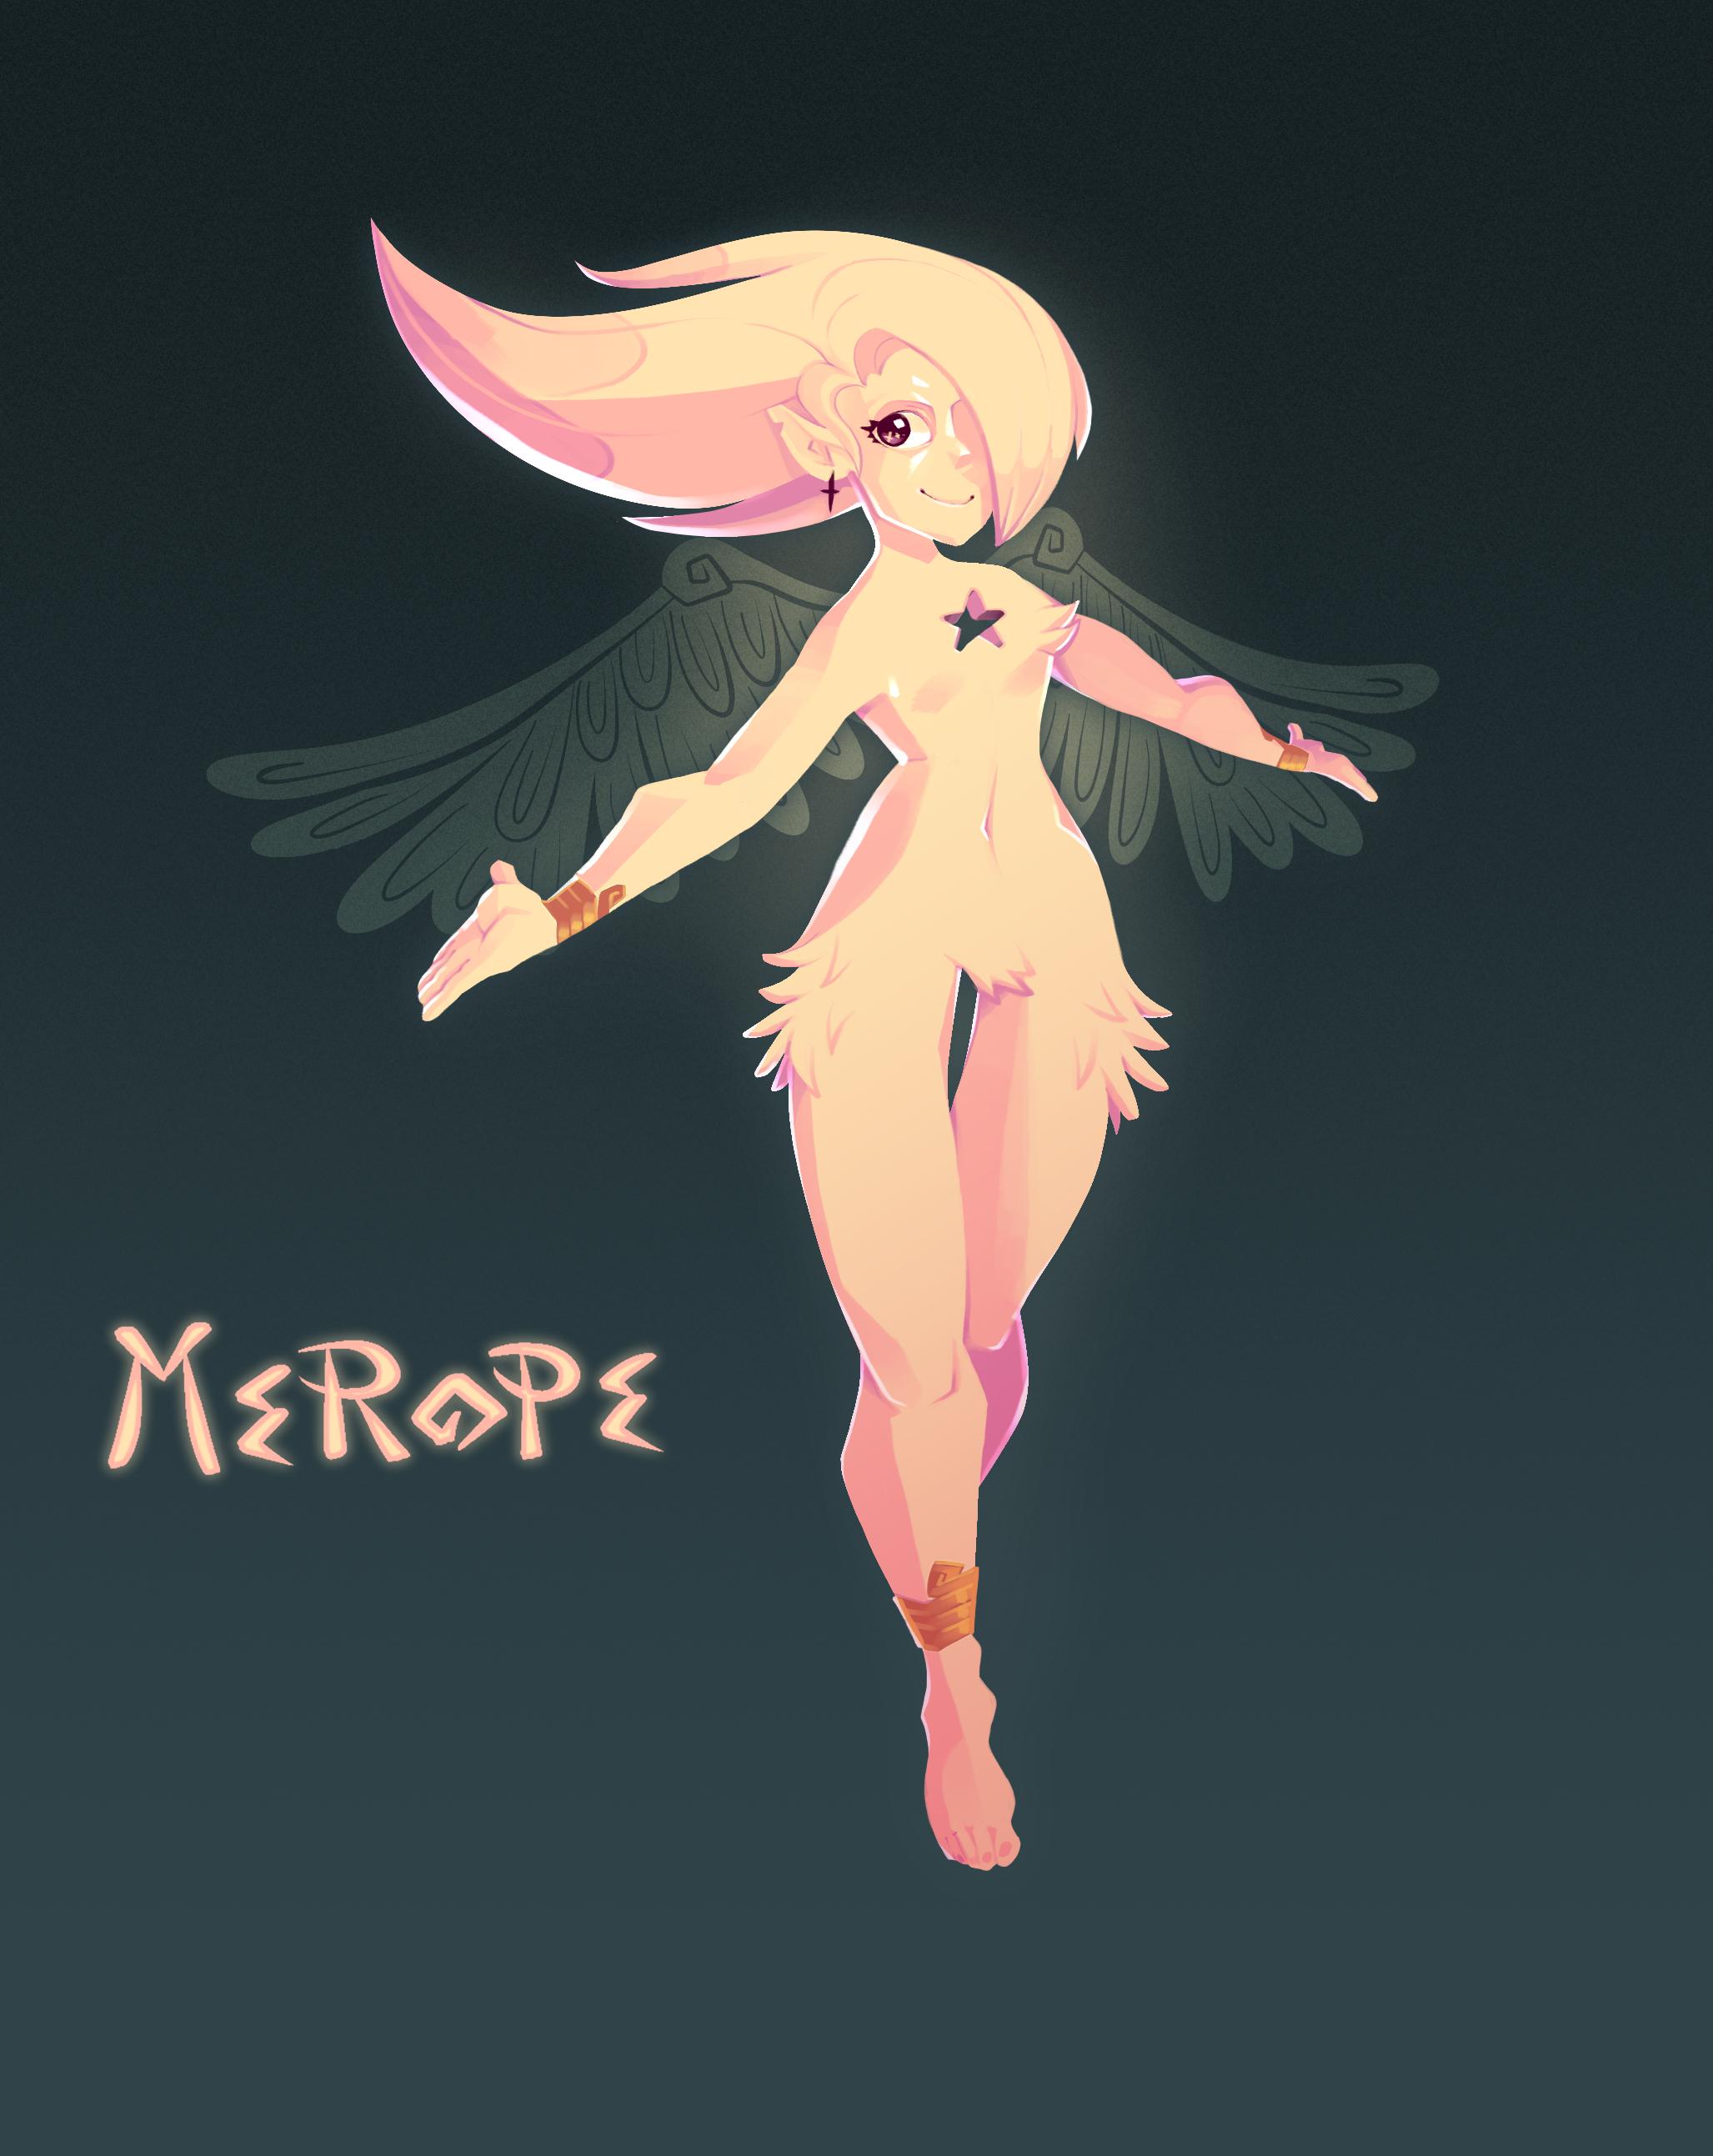 Merope Render